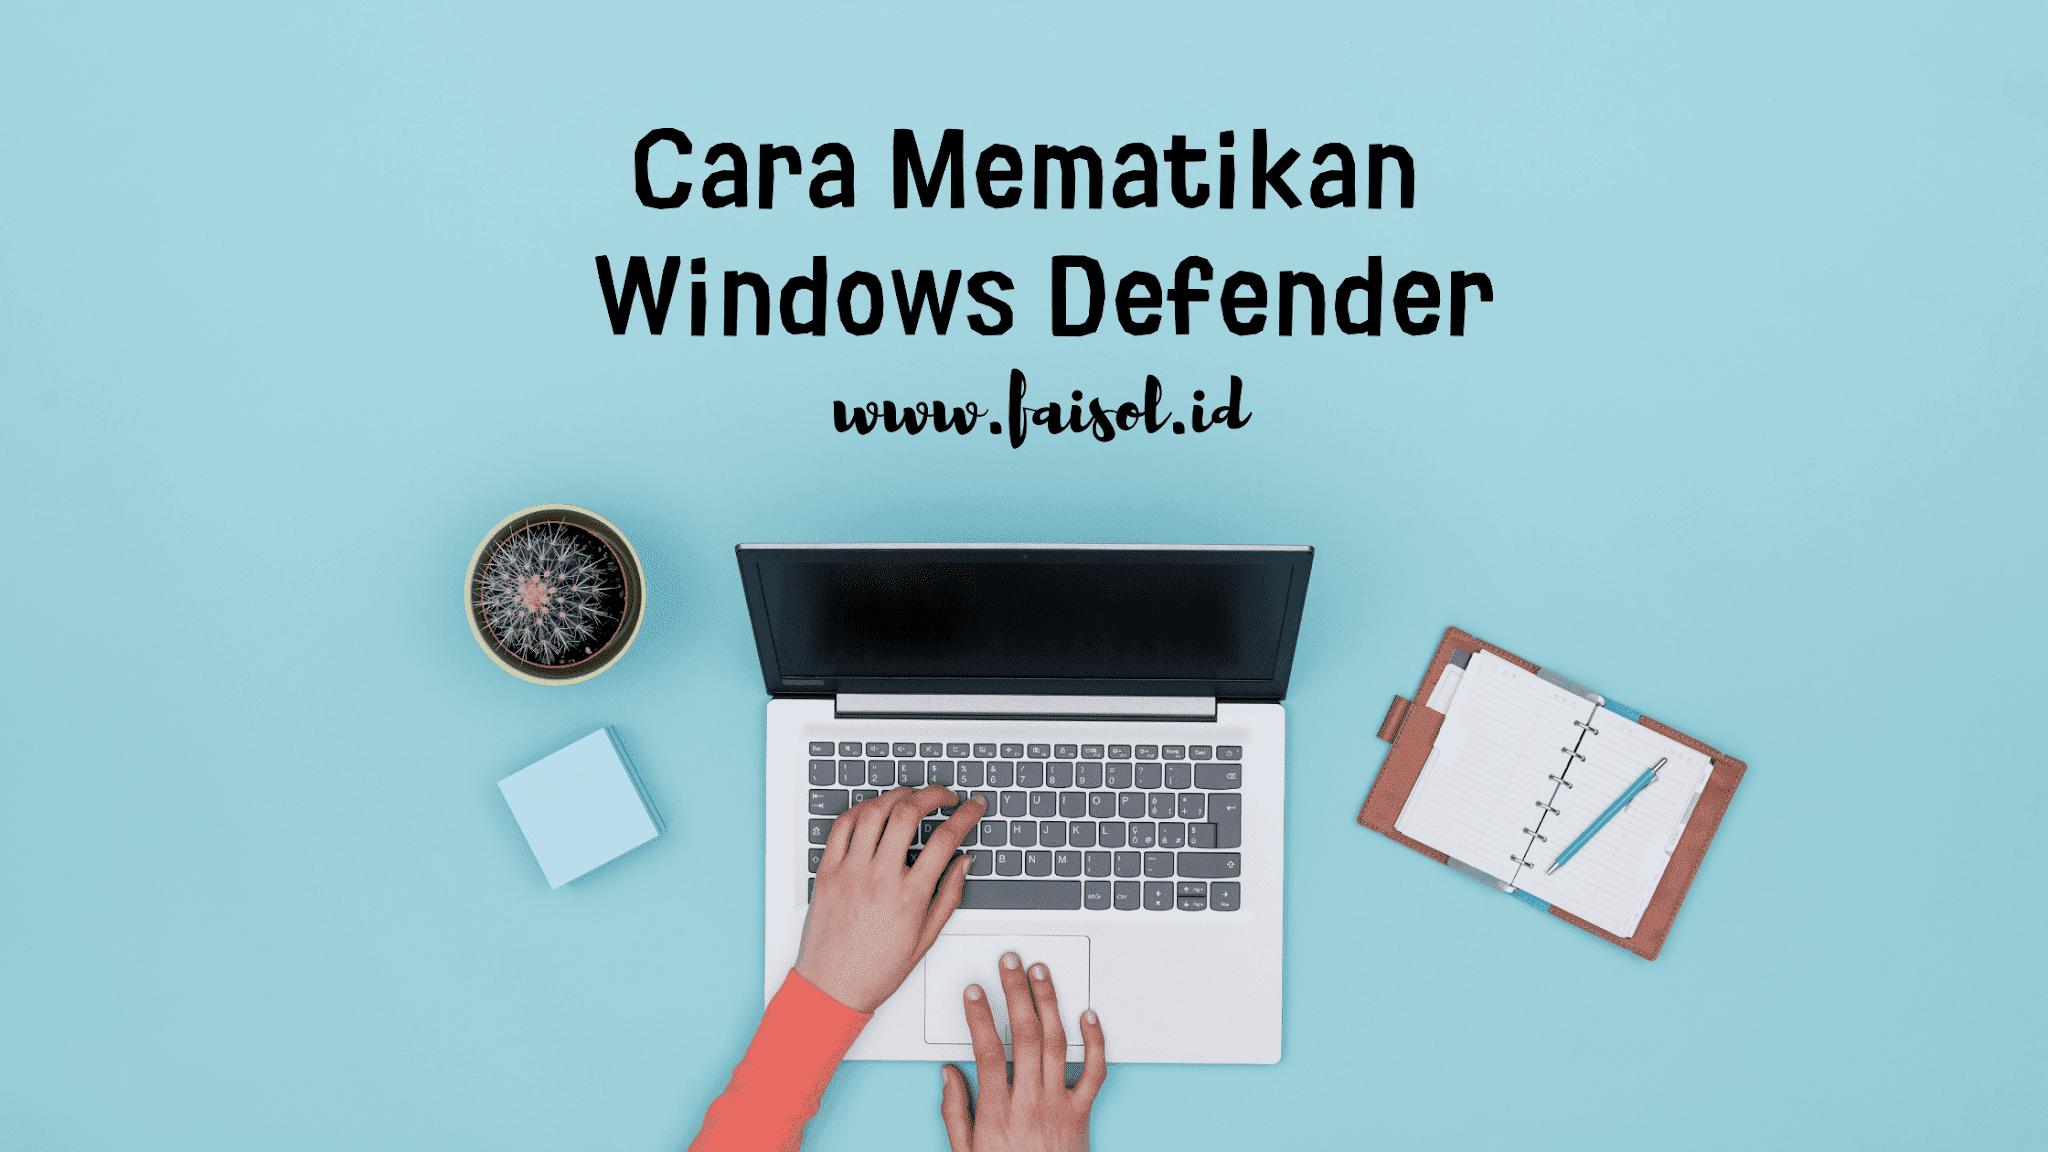 Cara Mematikan/Menonaktifkan Windows defender